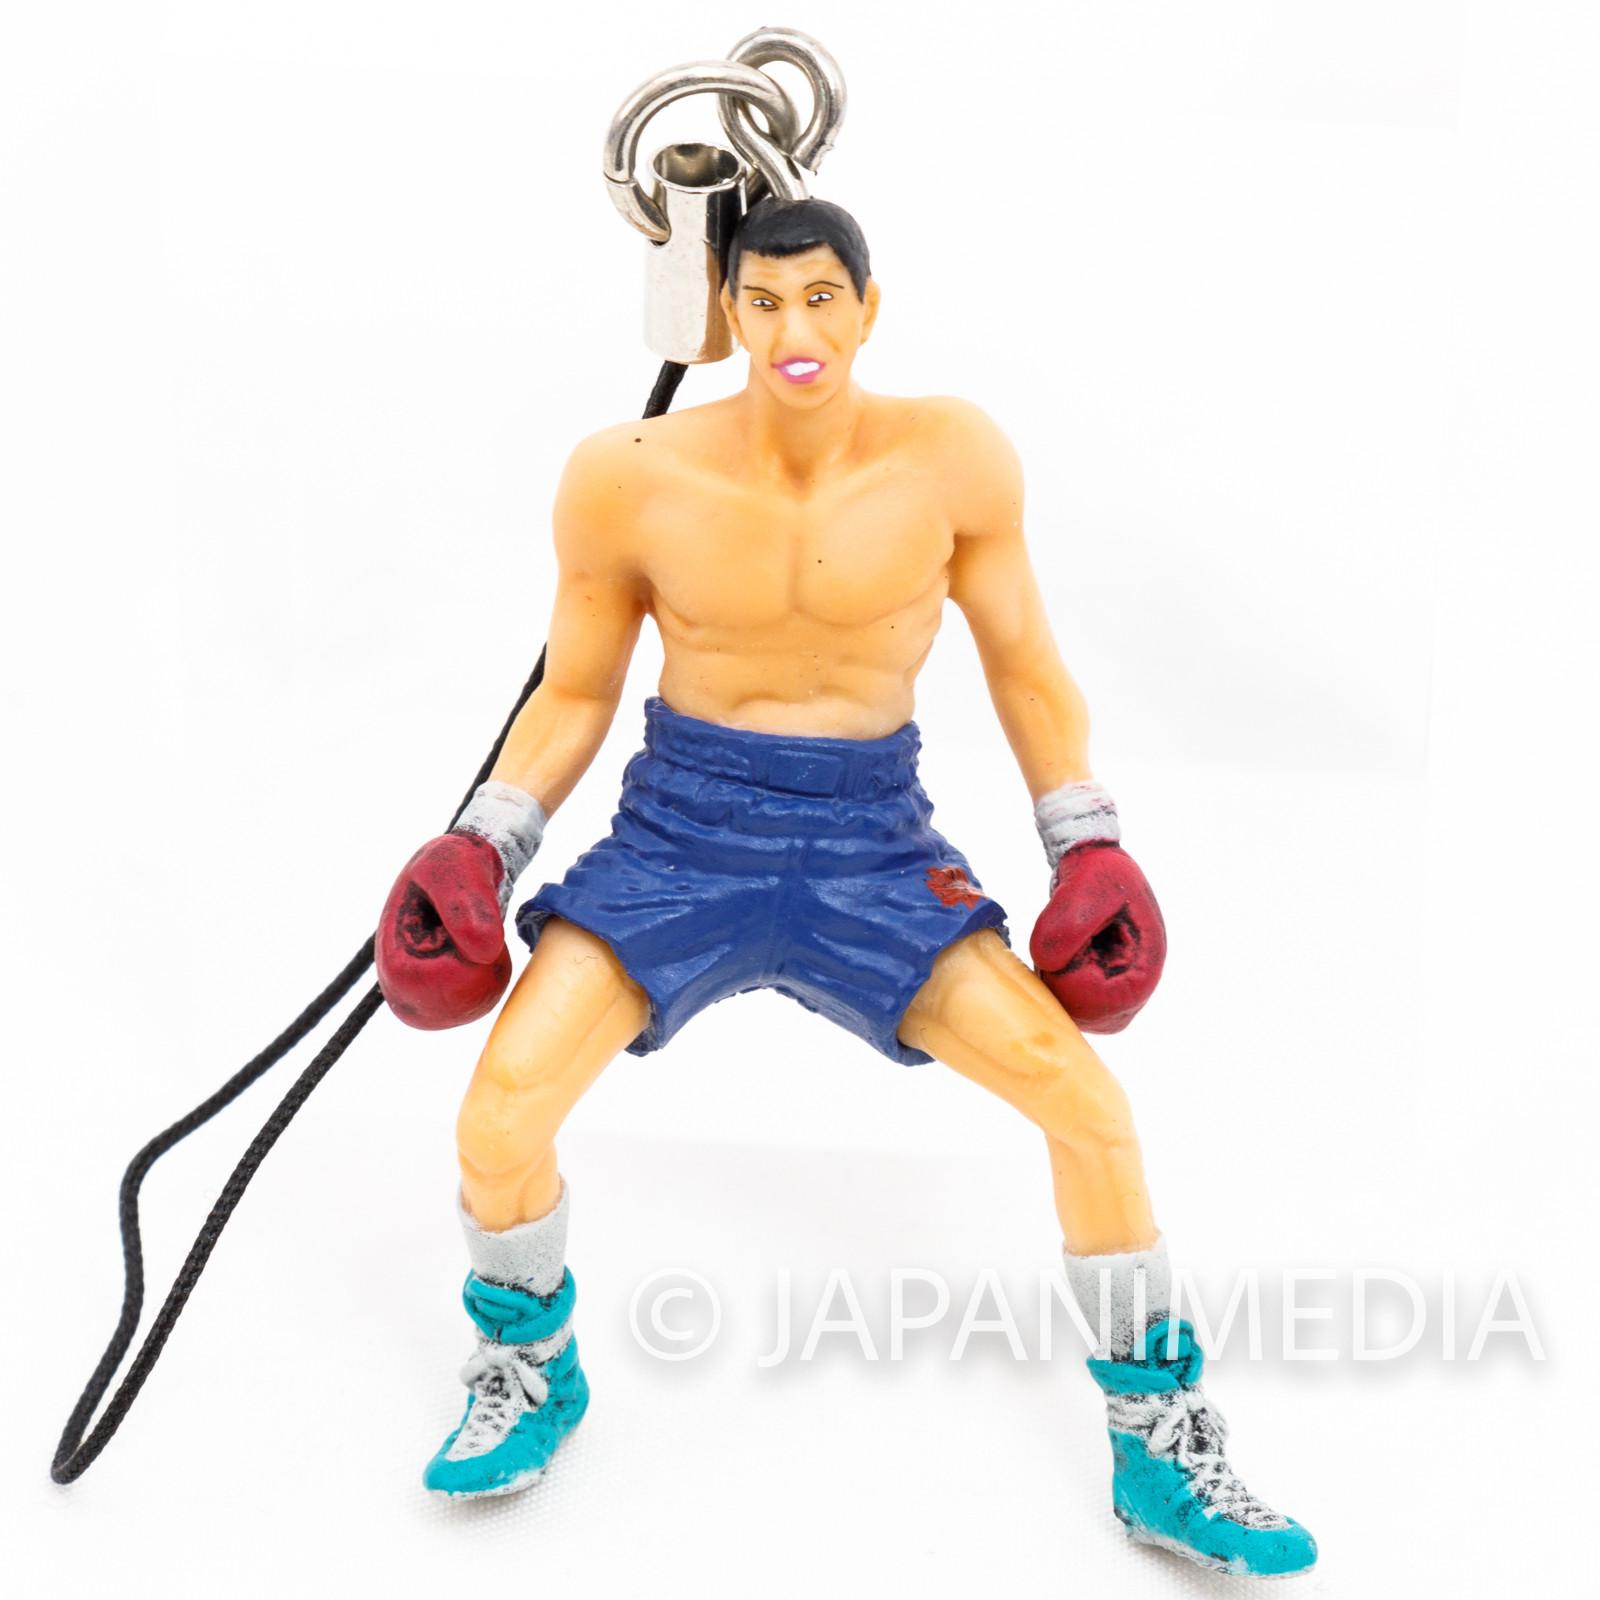 ZERO Miyabi Goshima Figure Strap Matsumoto Taiyo JAPAN ANIME